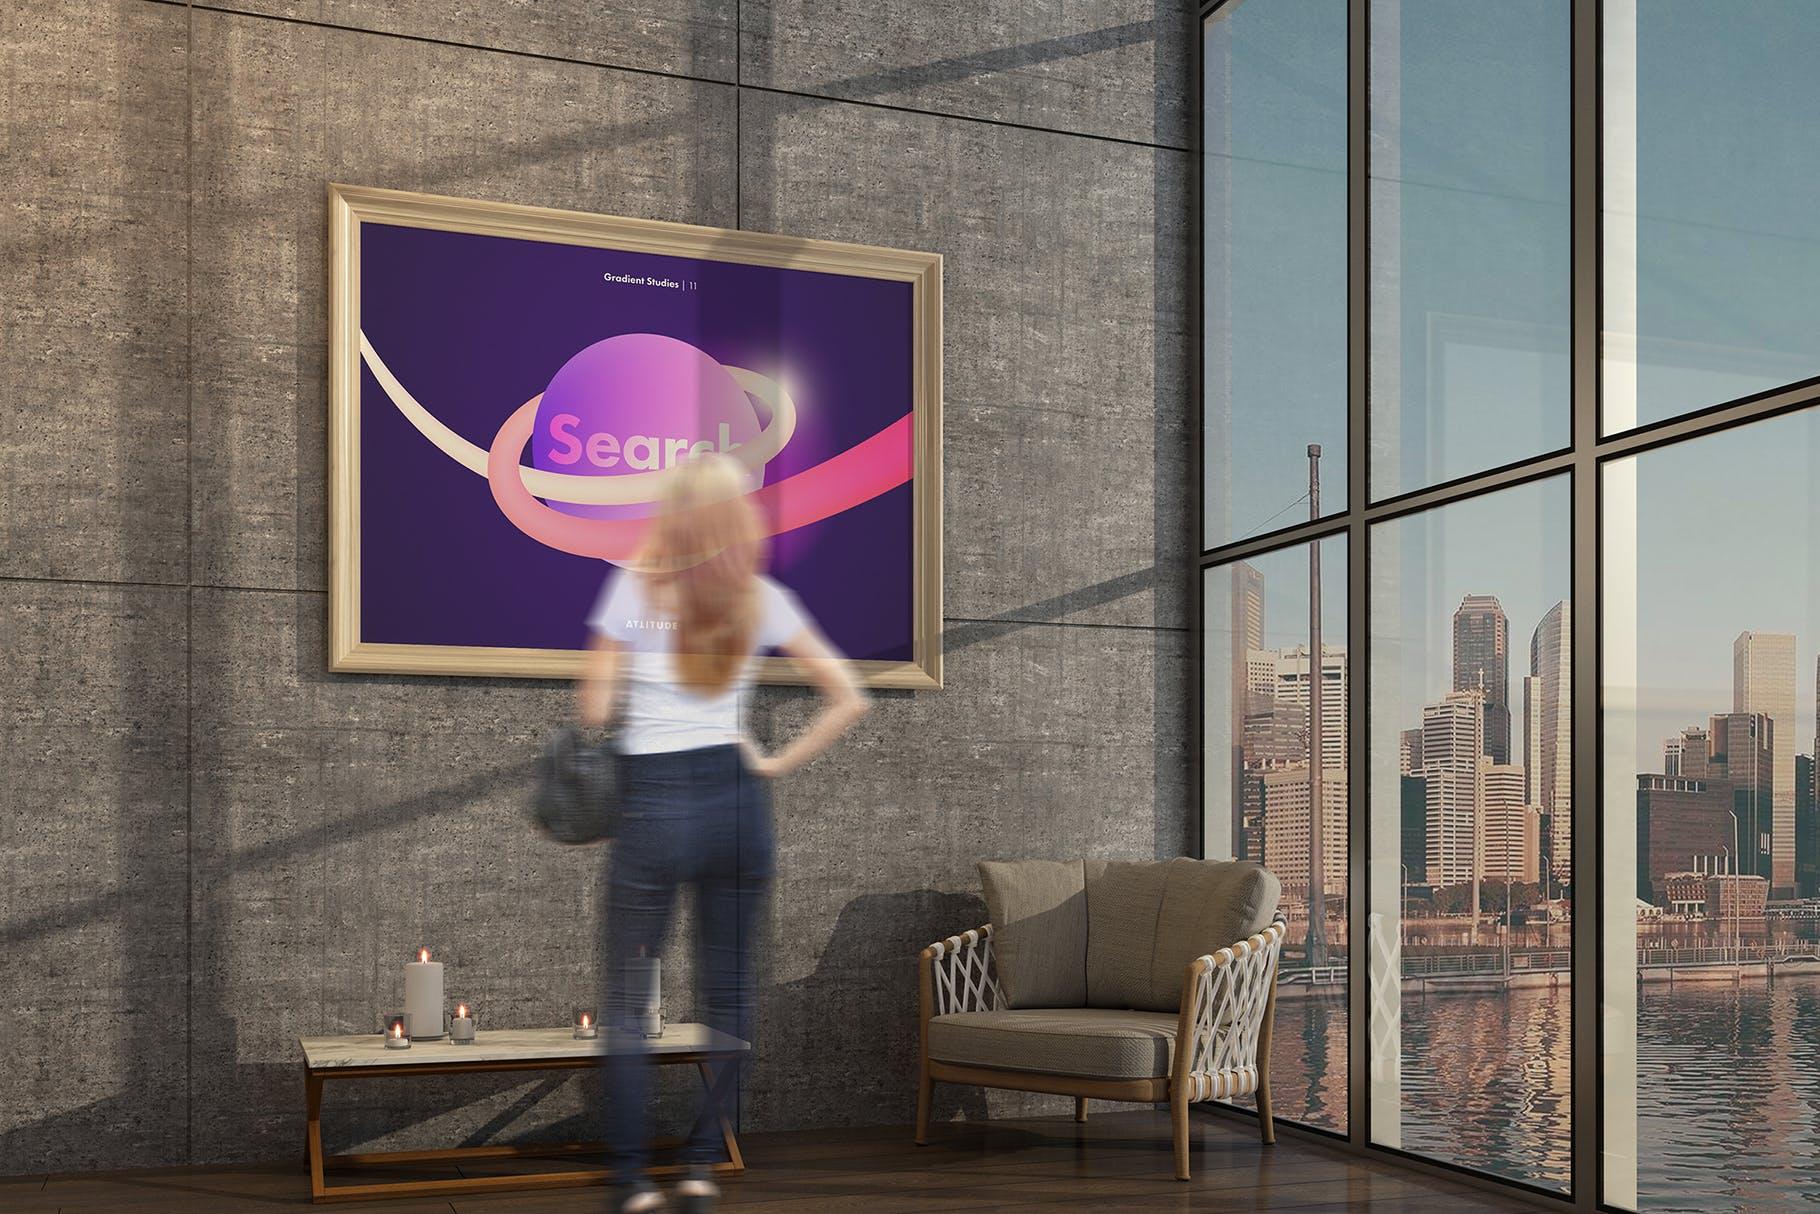 室内走廊相片艺术品海报样机模板 Gallery Mockup 3插图(4)